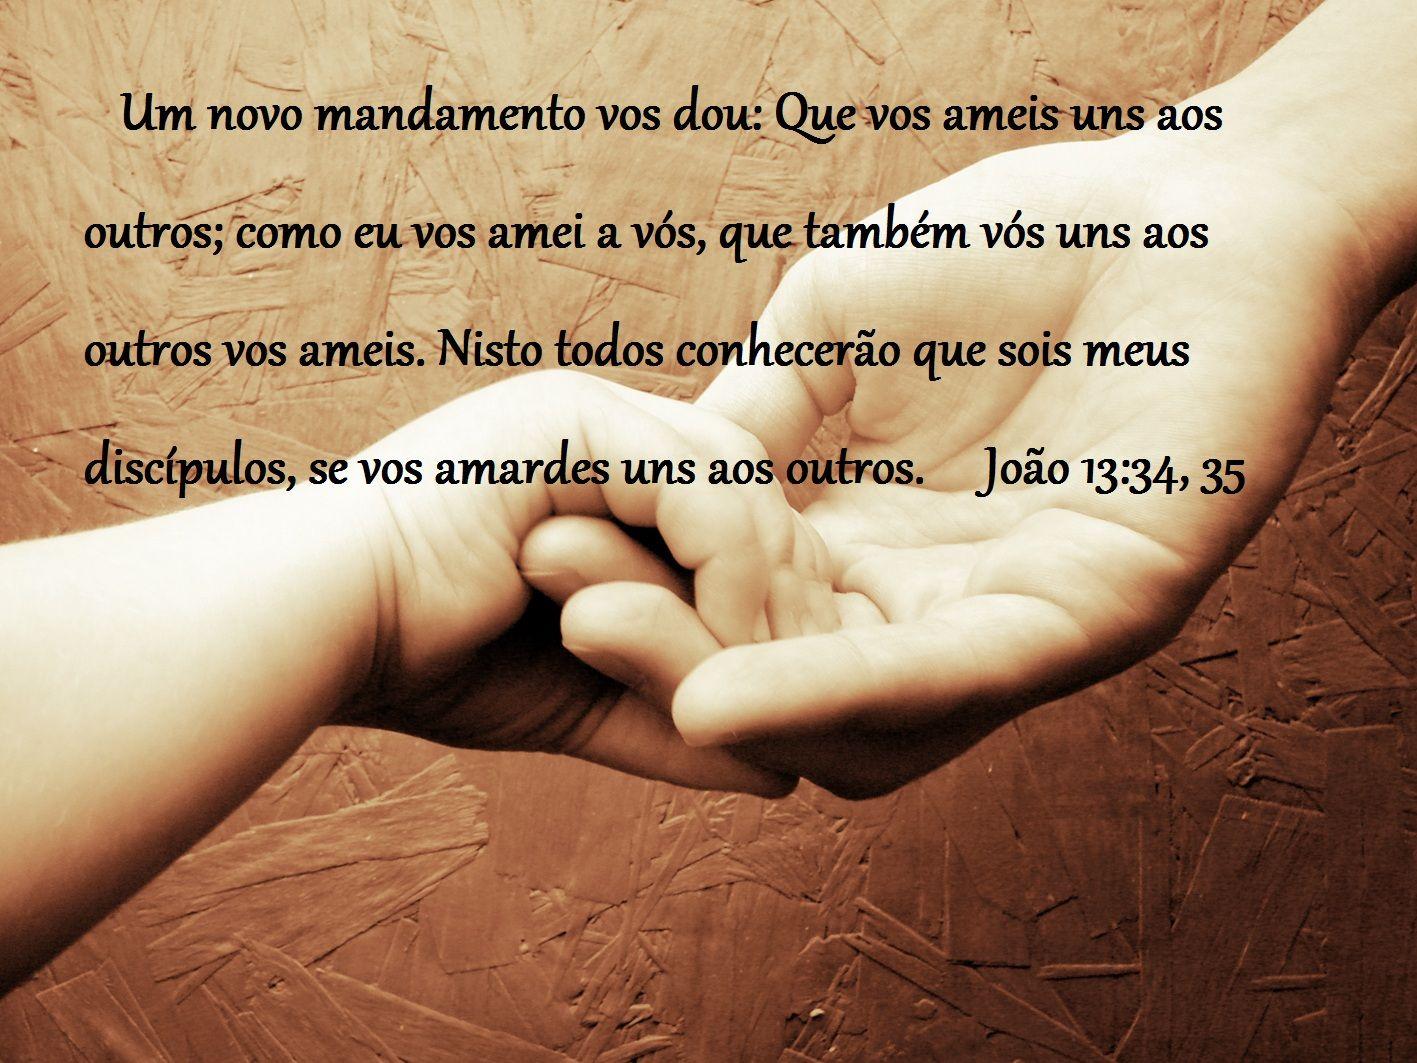 Um Novo Mandamento Vos Dou Que Vos Ameis Uns Aos Outros Como Eu